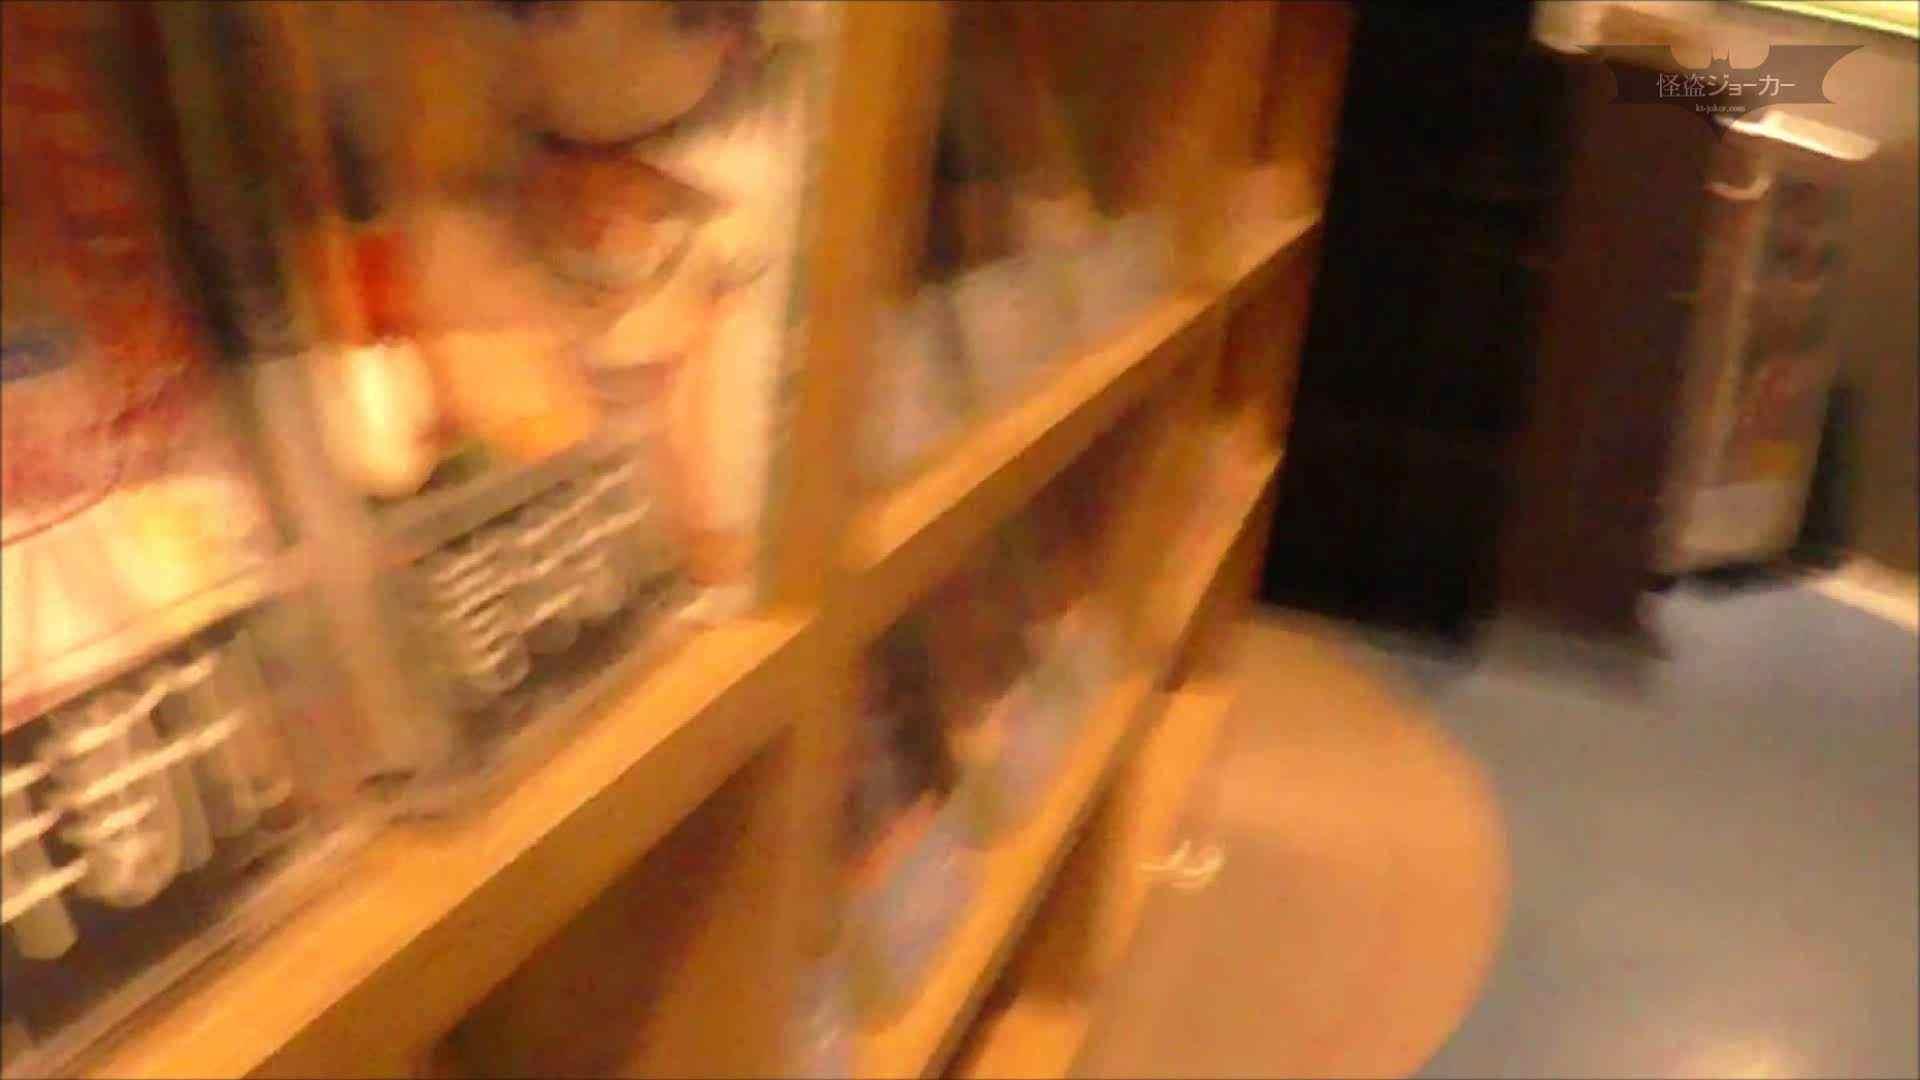 悪戯ネットカフェ Vol.06 若目狙って魔法でGO!! ギャル攻め すけべAV動画紹介 101画像 2